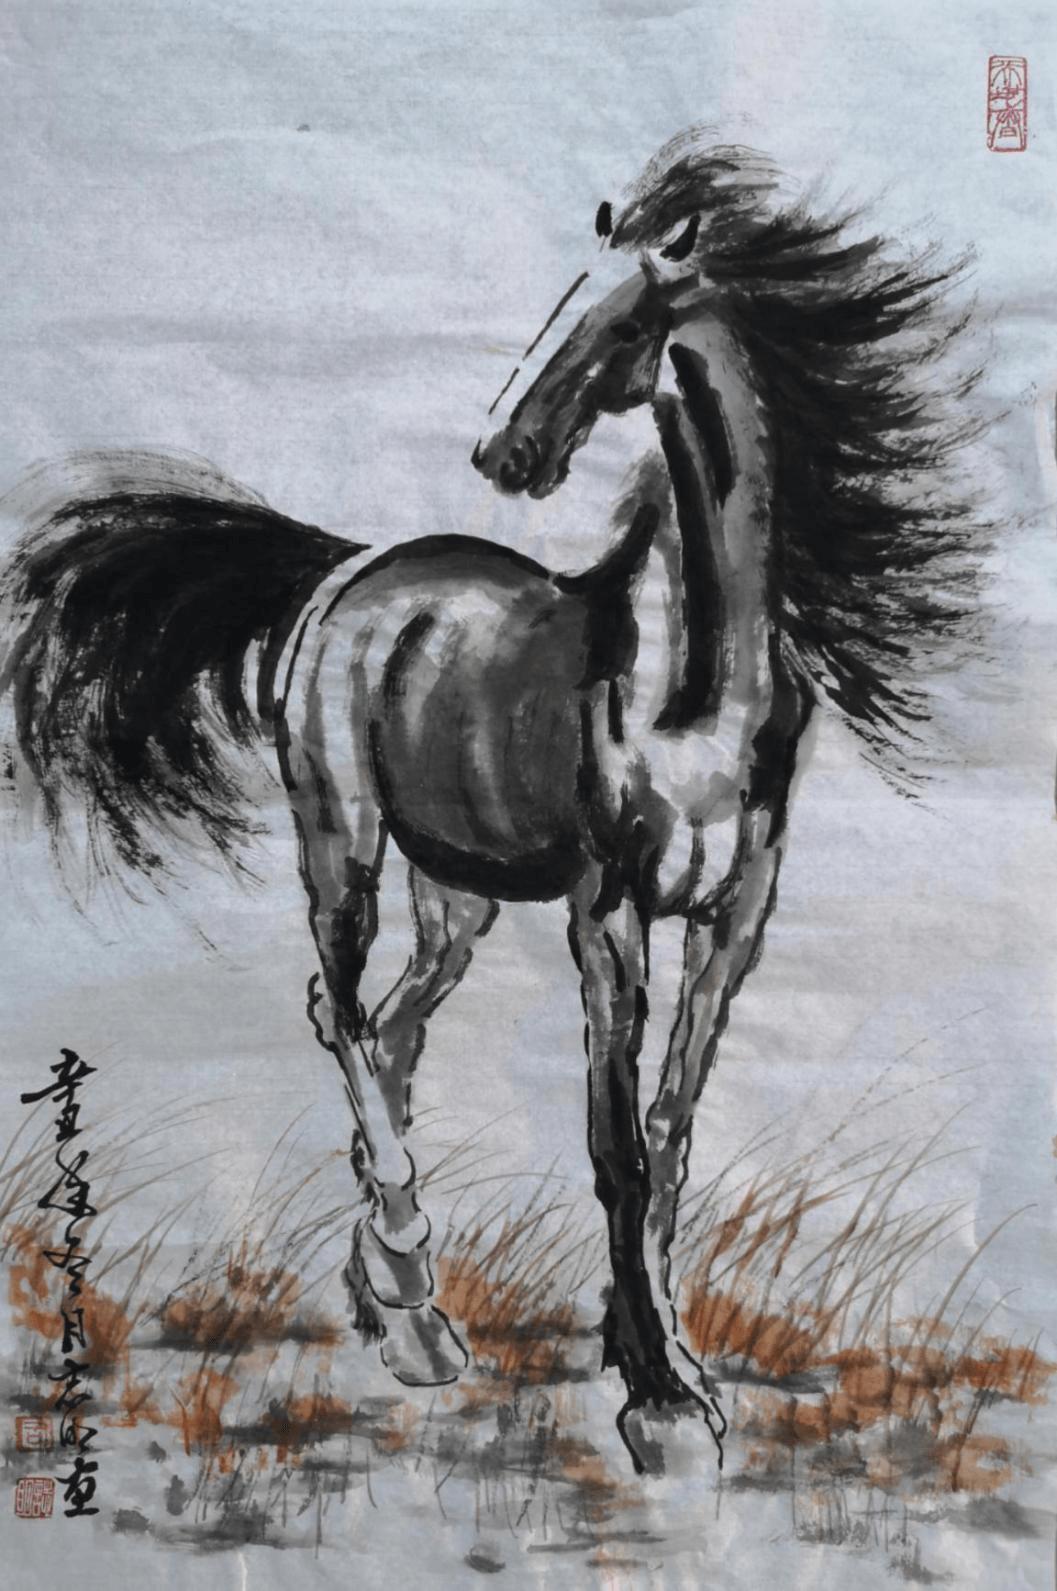 中国著名画家司志明画伟人获全国画界称赞,单幅被拍出65万